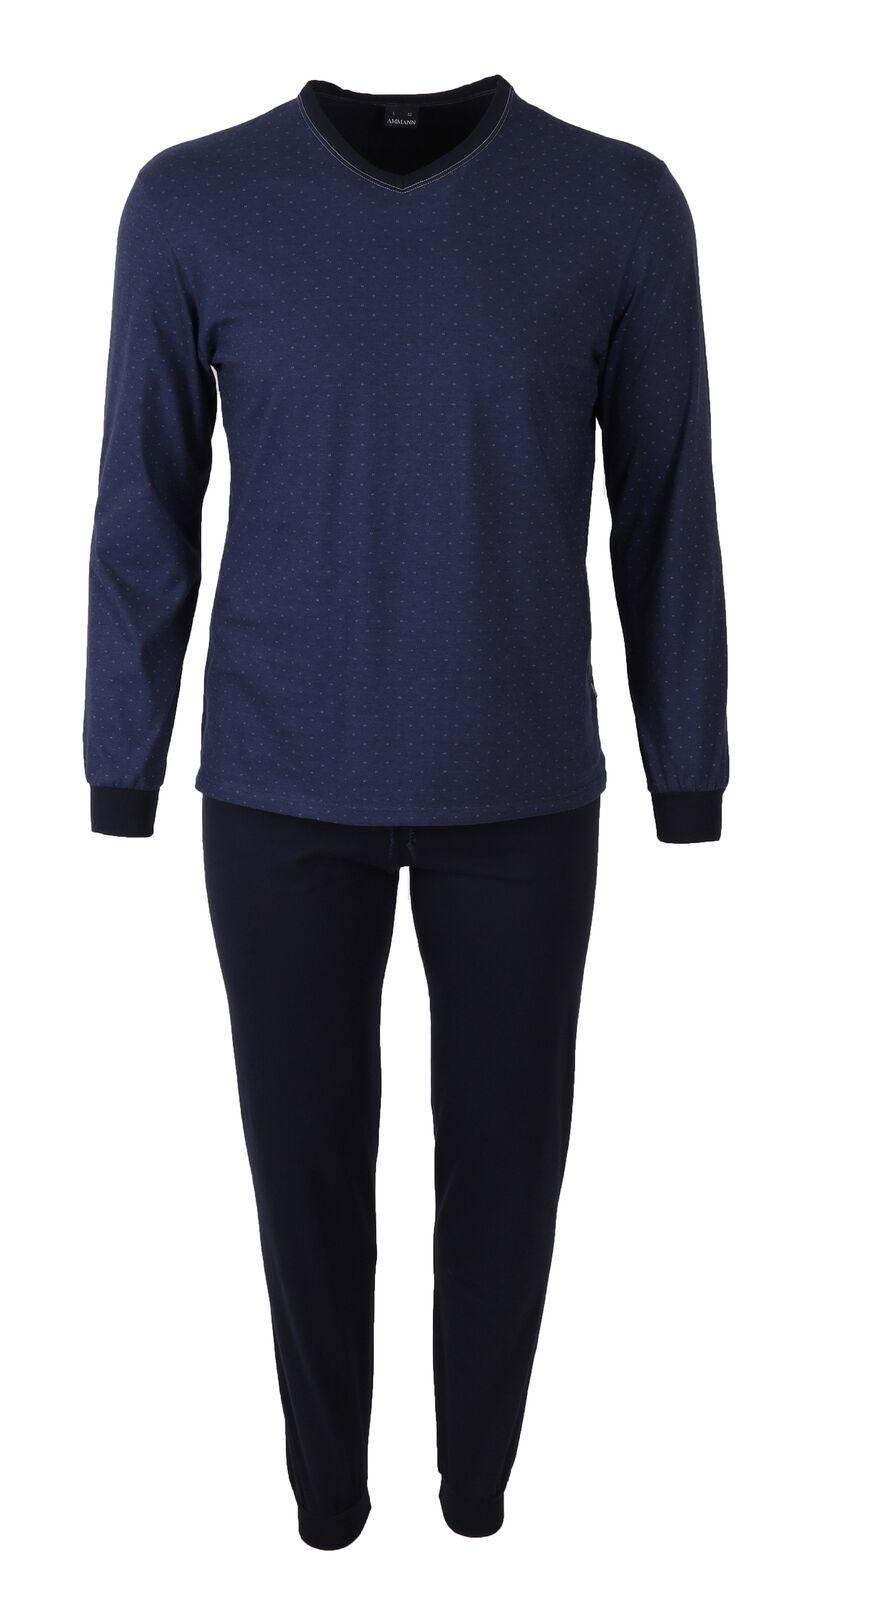 2 teiliger Herren Schlafanzug mit Bündchen Pyjama lang nightBlau Größen 48-56